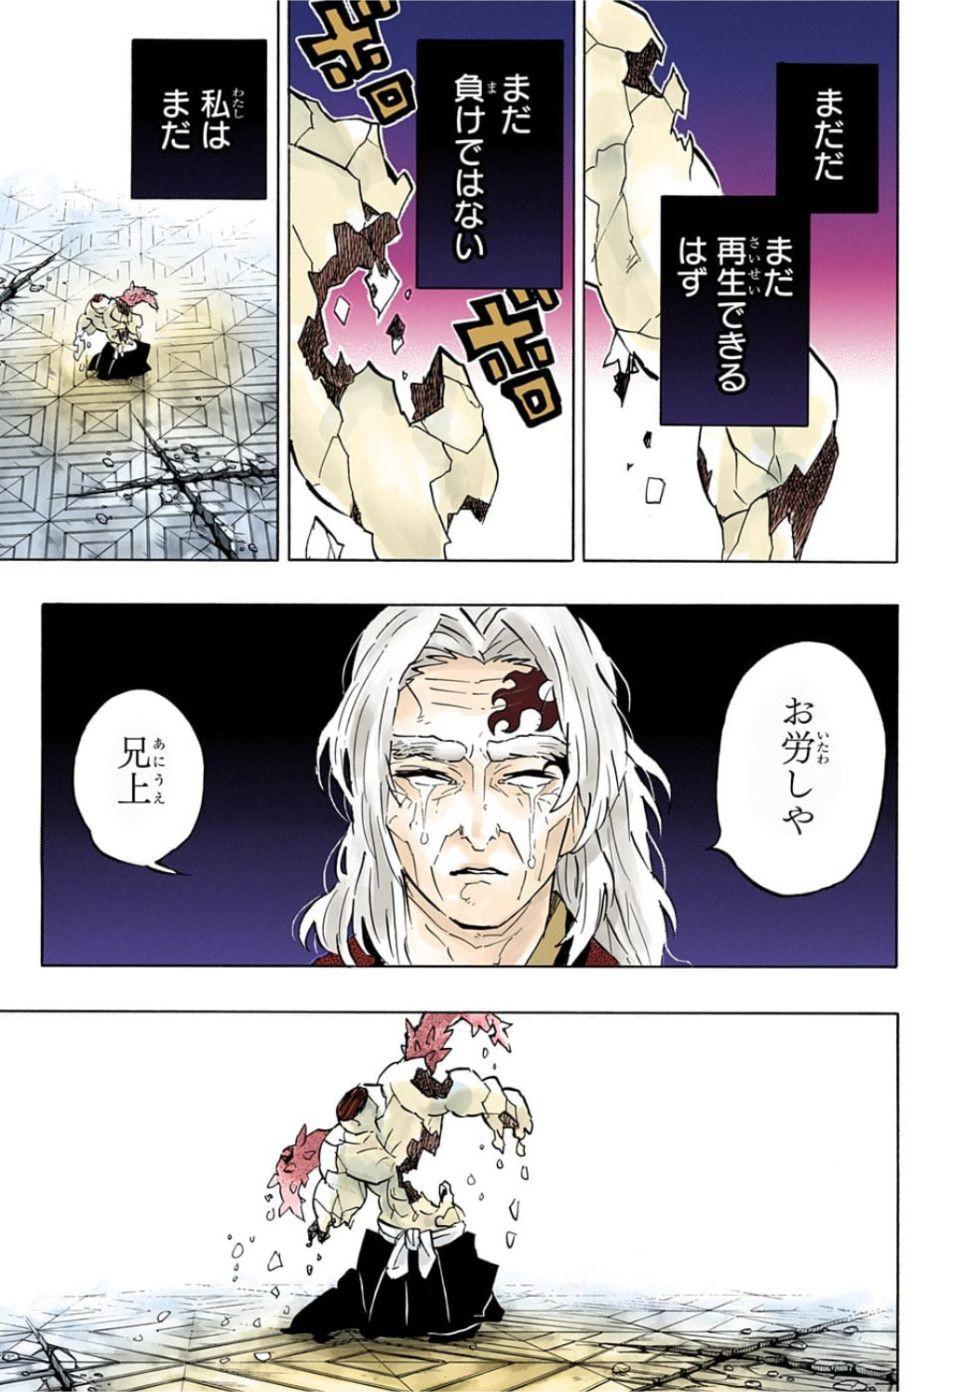 漫画 鬼滅の刃 176話 raw 日本語 カラー版 manga kimetsu no yaiba 176 手イラスト ドラゴンボール 漫画 癒し アニメ